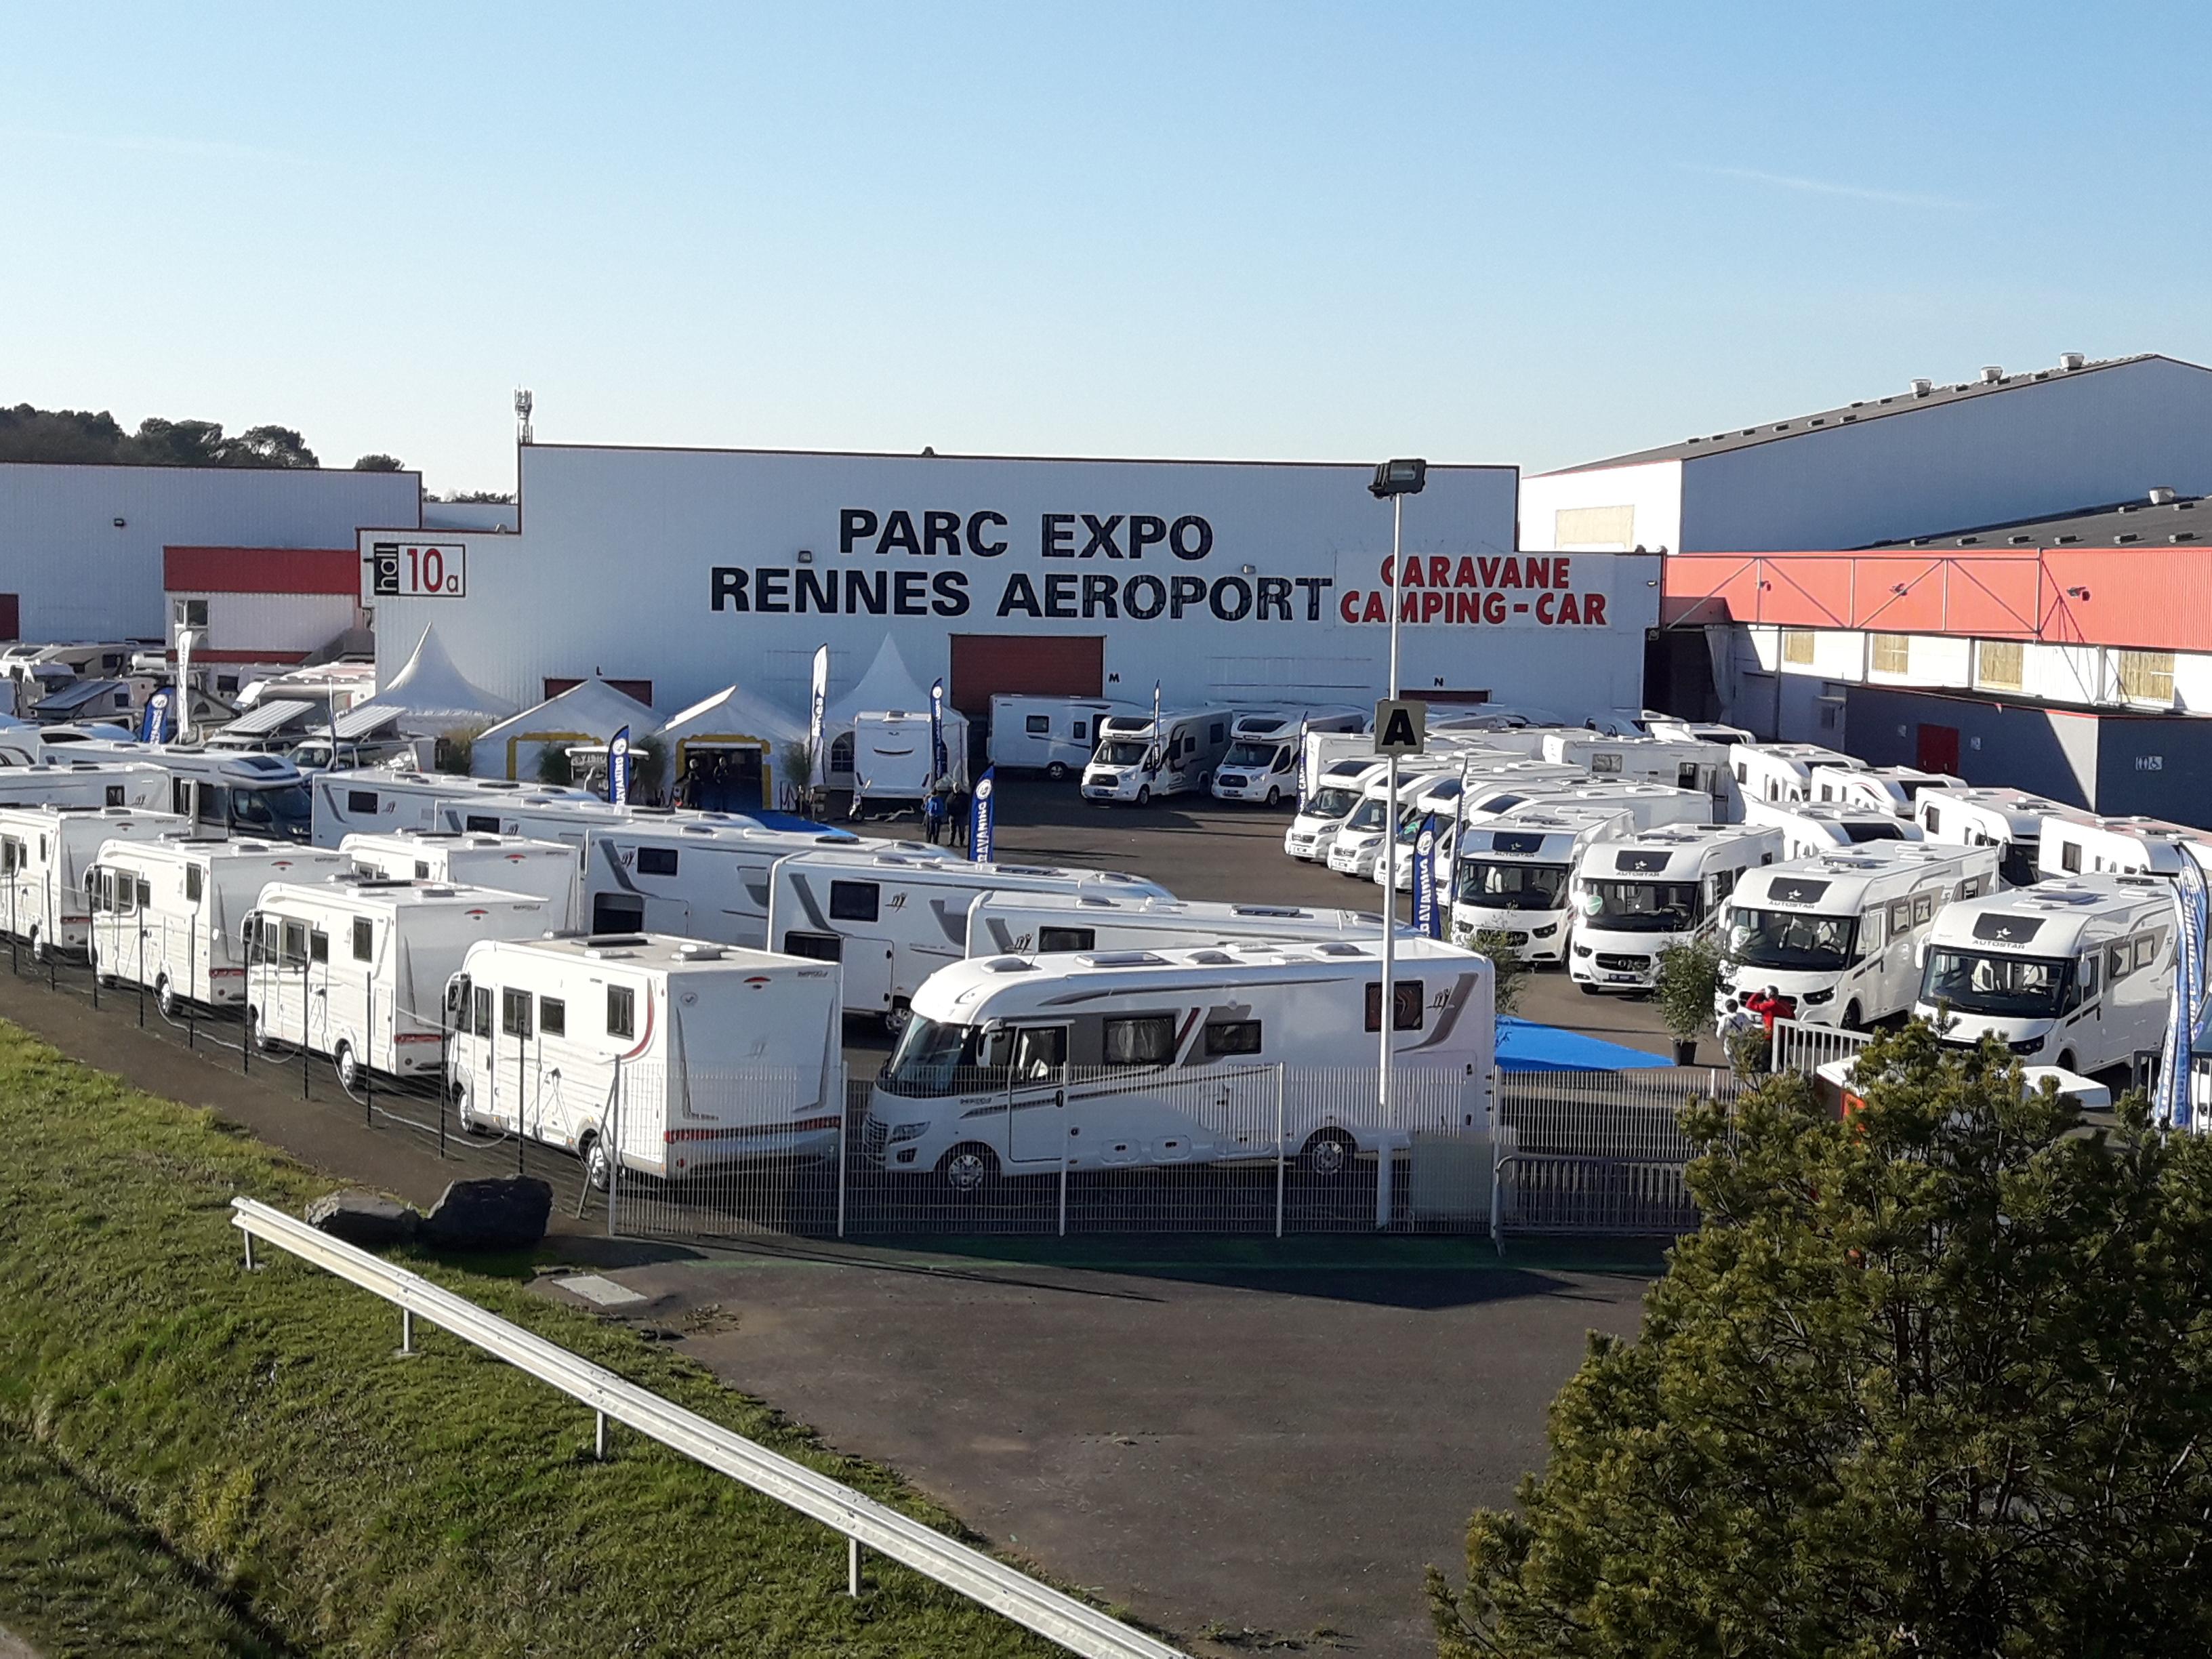 Les Portes-ouvertes et salons de camping-cars en Février 2019